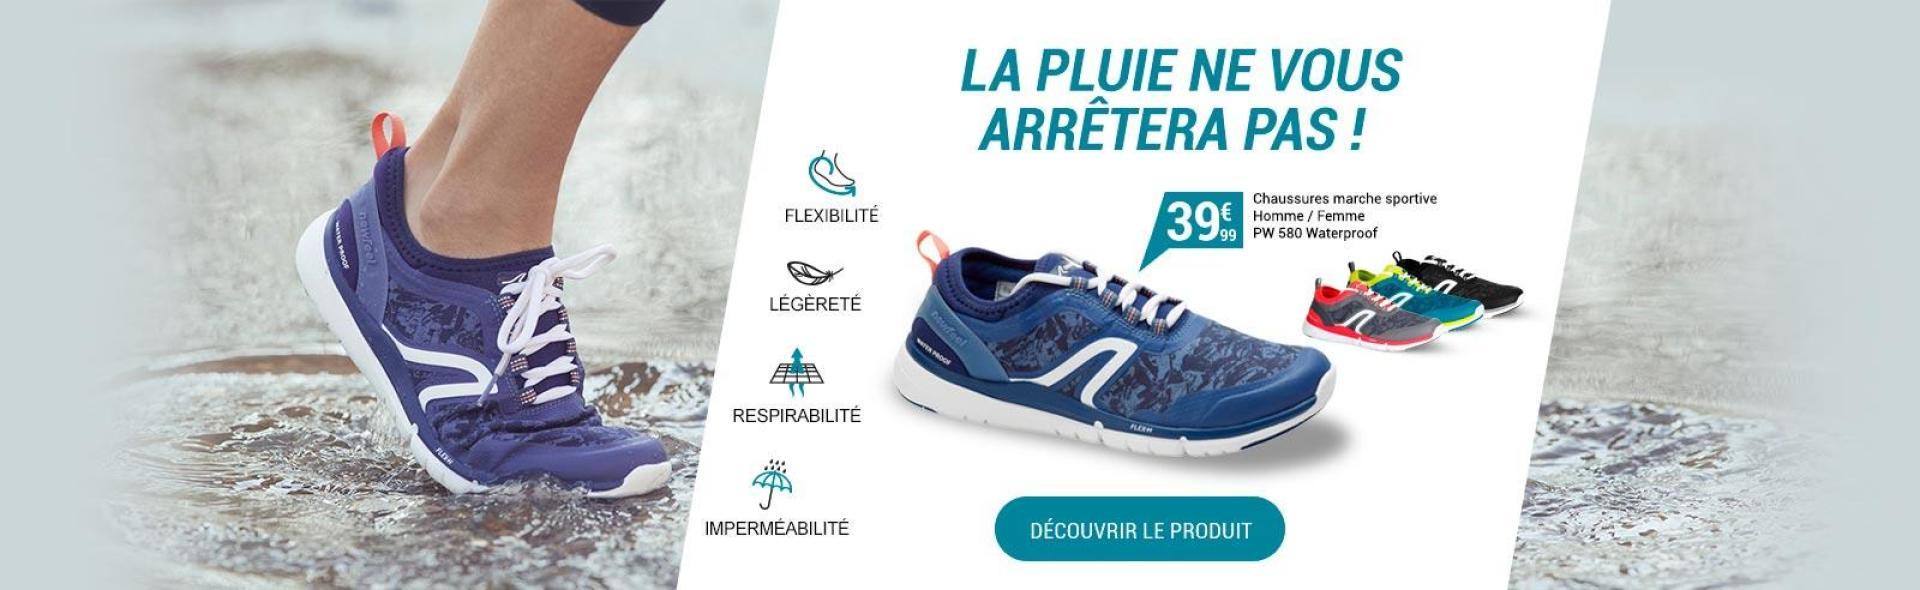 Marchez par tous les temps avec les chaussures de marche sportive PW 580